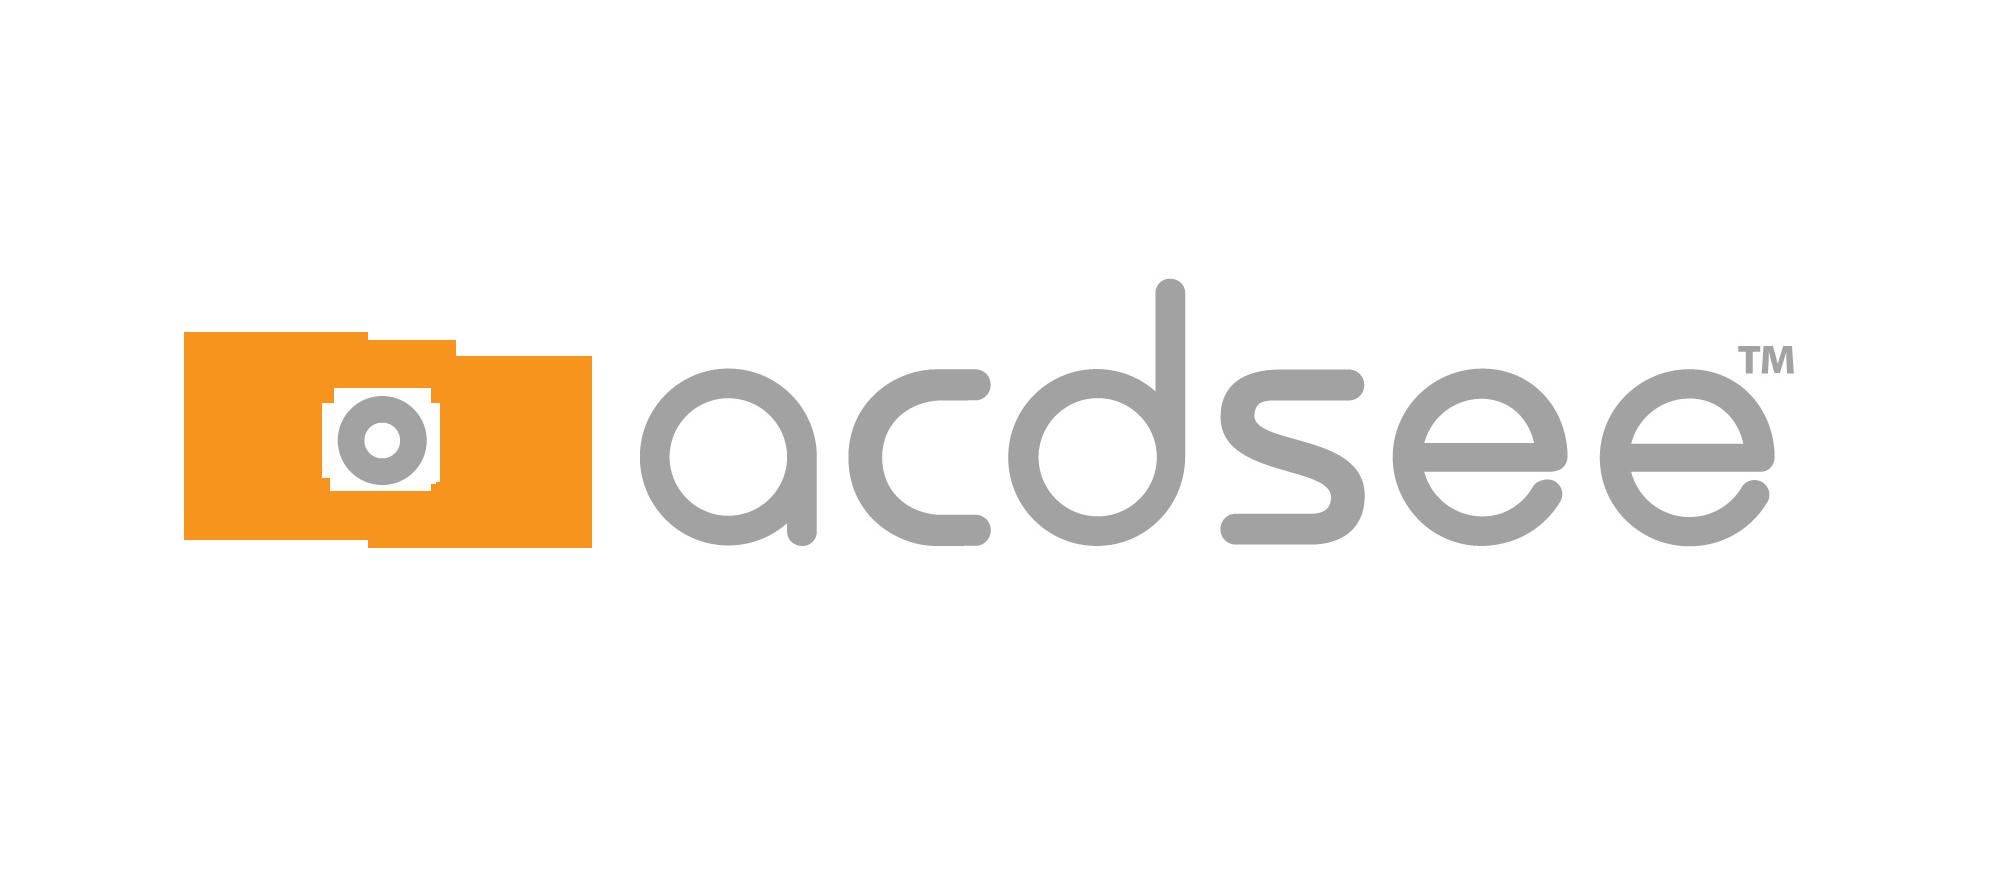 دانلود نرم افزار ACDSee Photo Studio Ultimate 12.1.1.1673